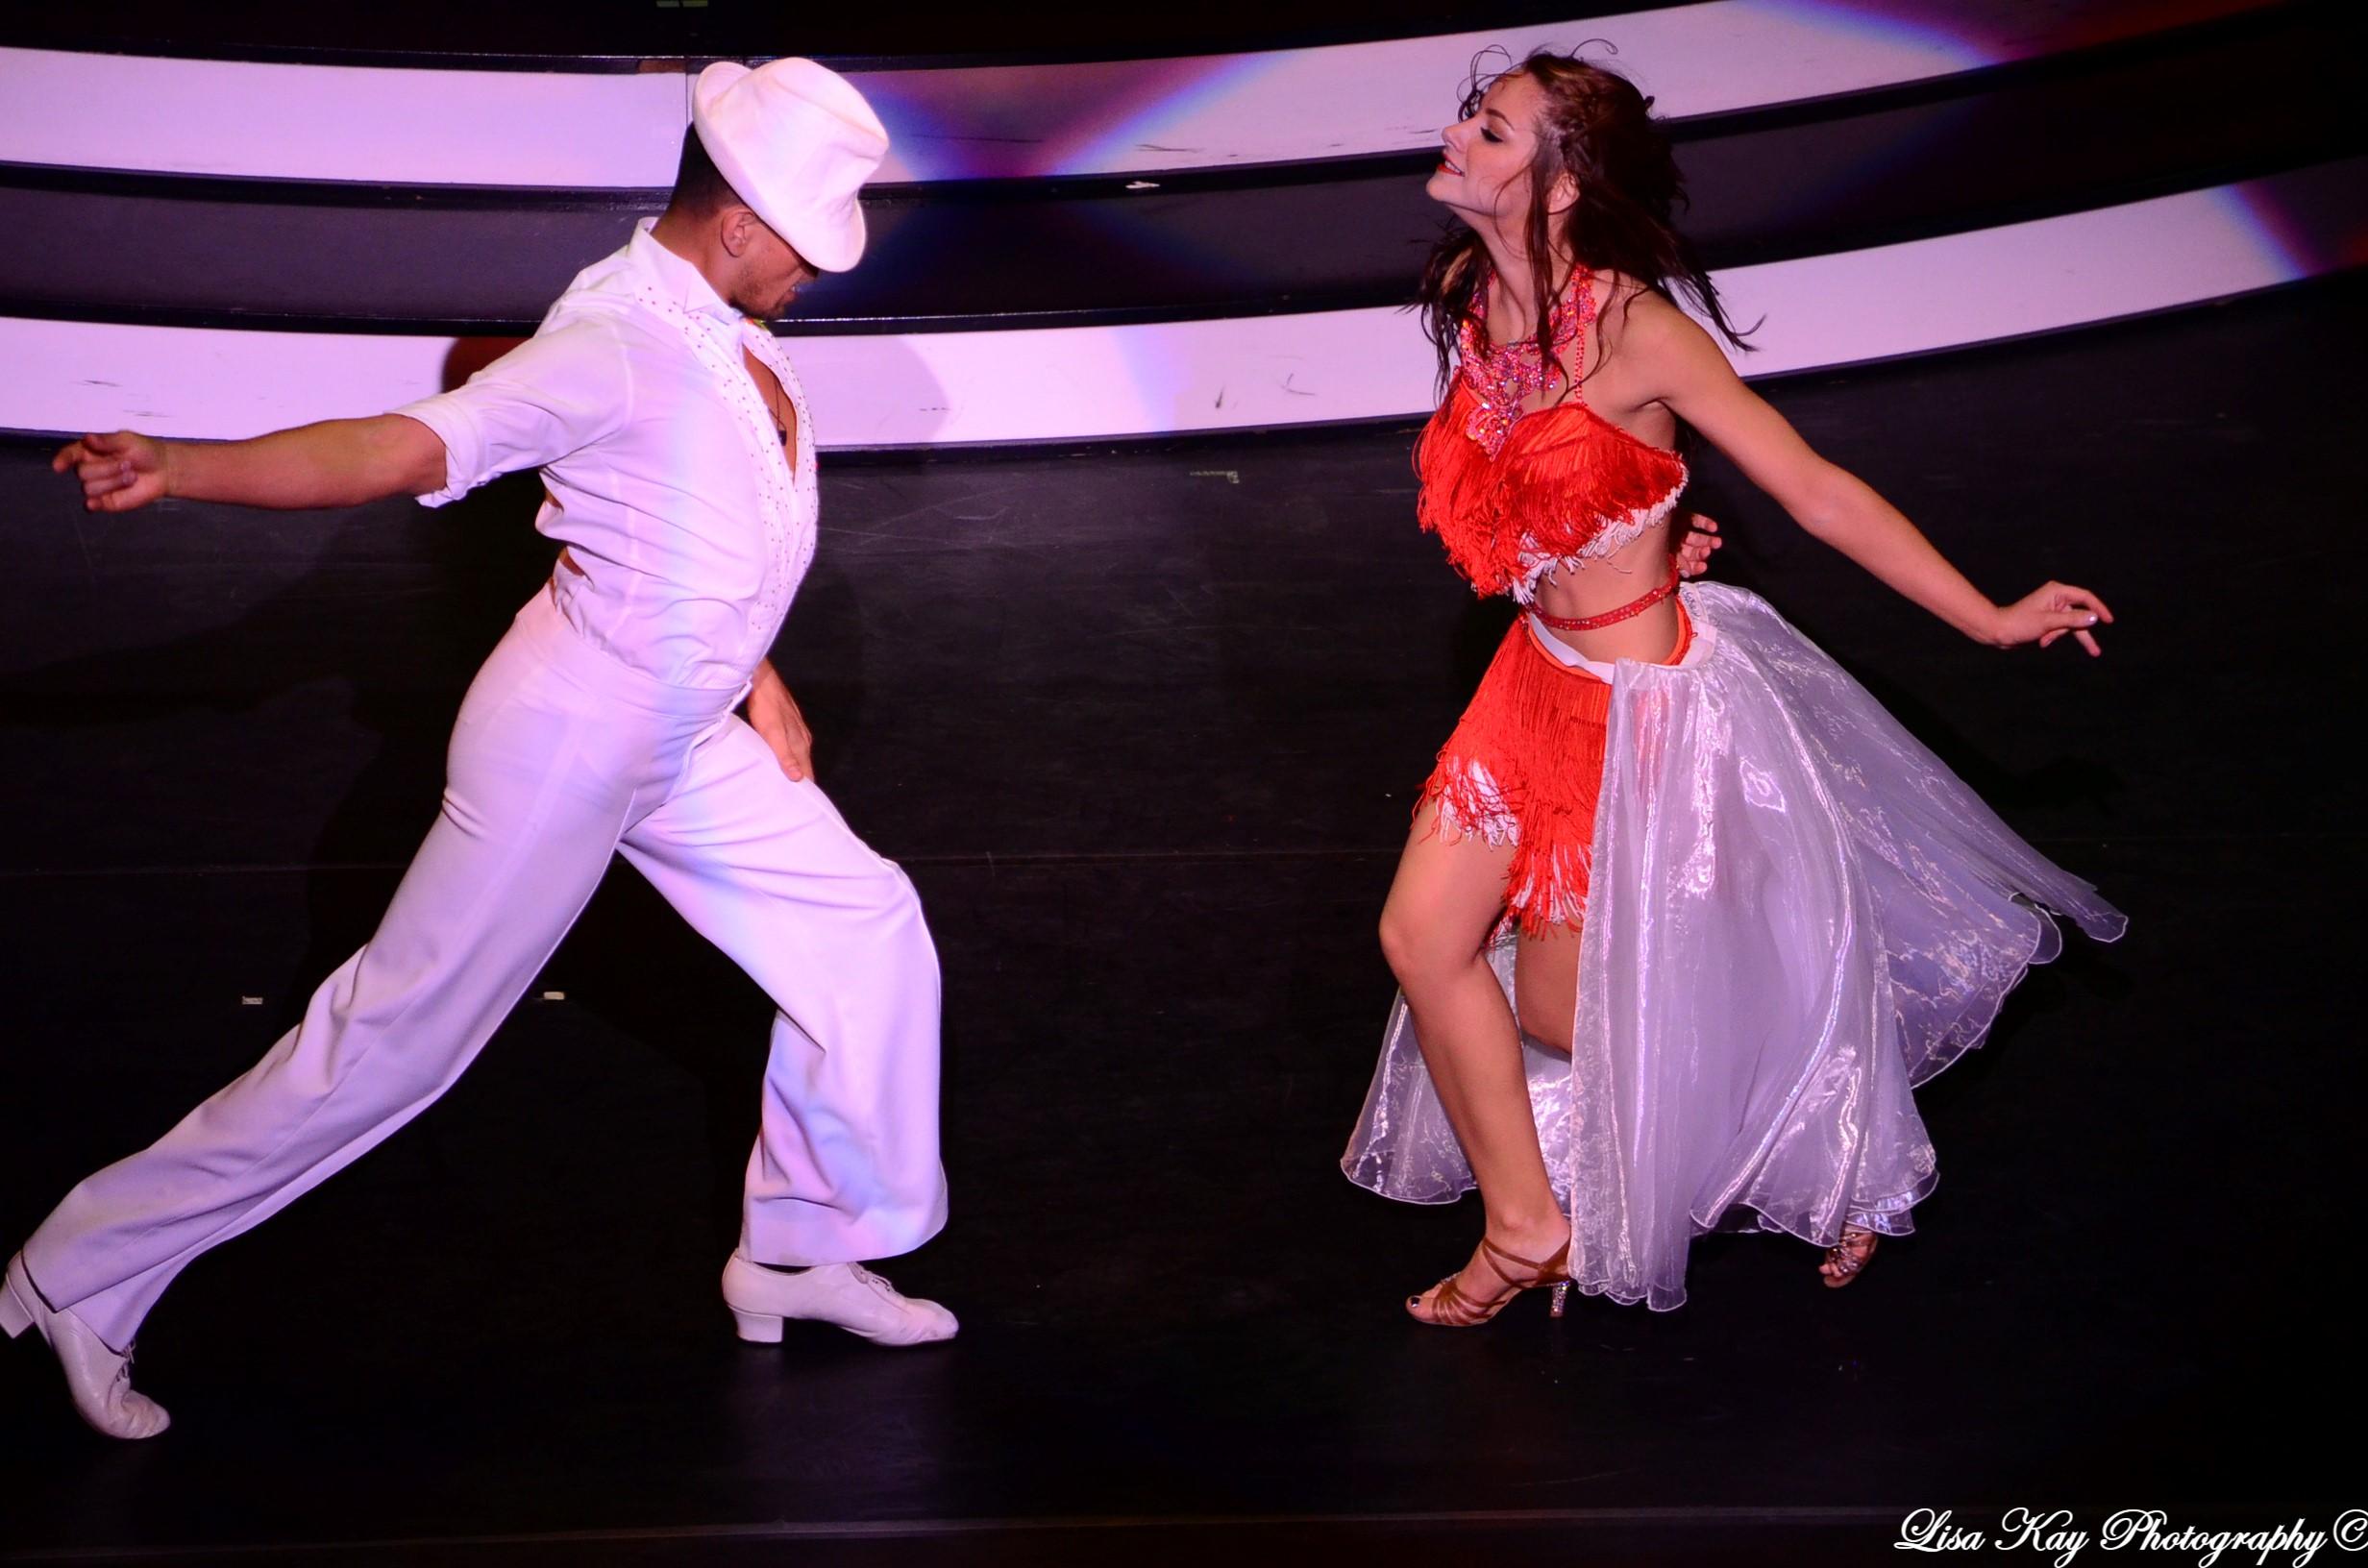 DancingProsLive 1798